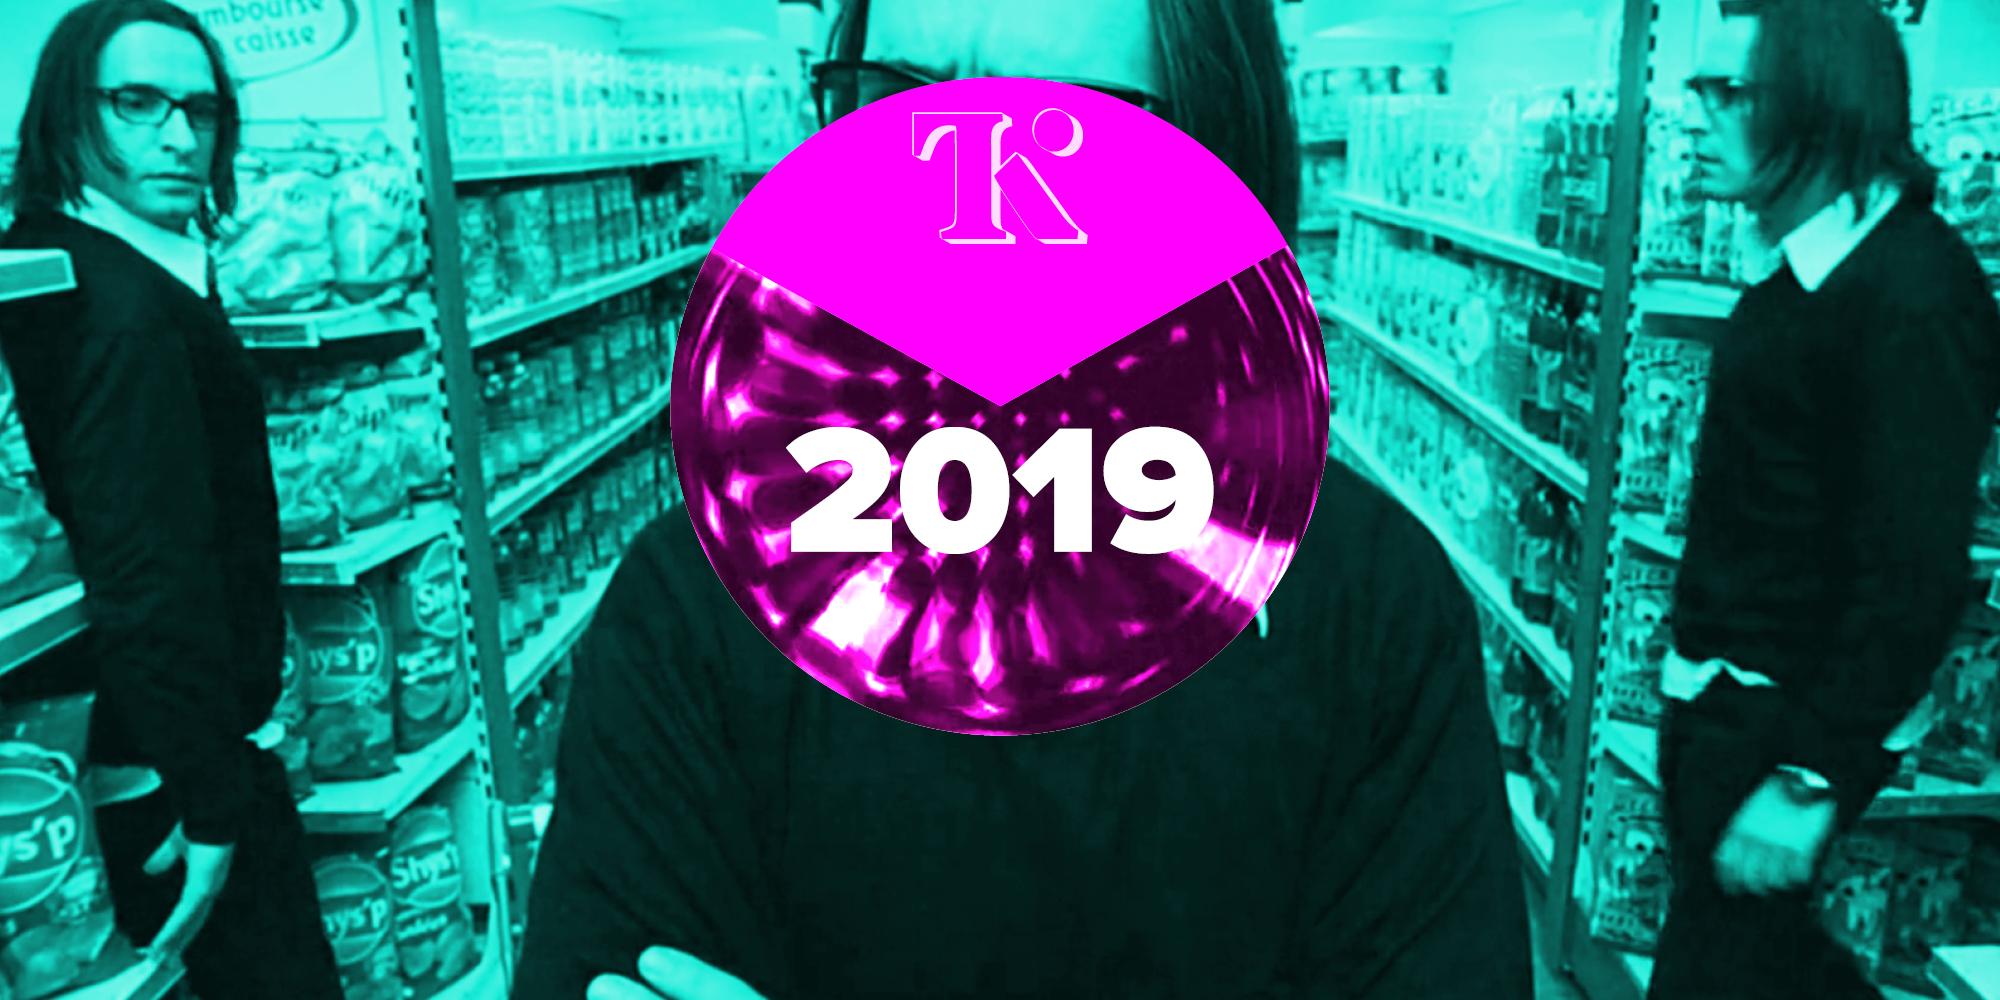 Zenith: 2/3 мировой digital-рекламы в 2019 будет продаваться по технологии программатик